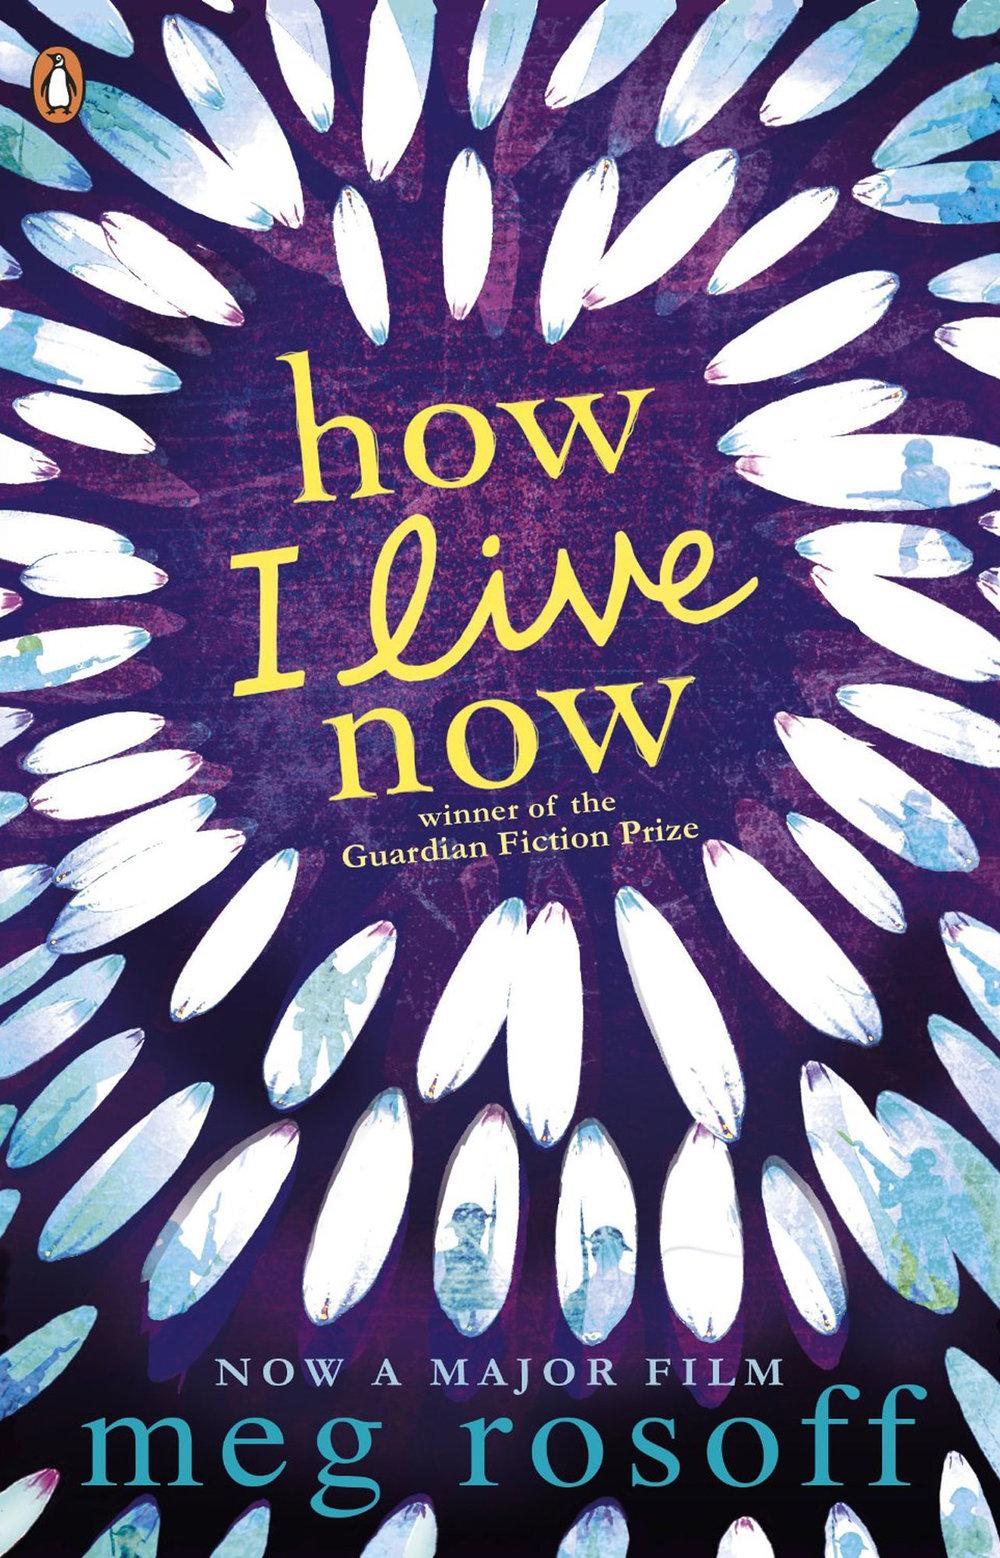 Meg-Rosoff---How-I-Live-Now 2.jpg